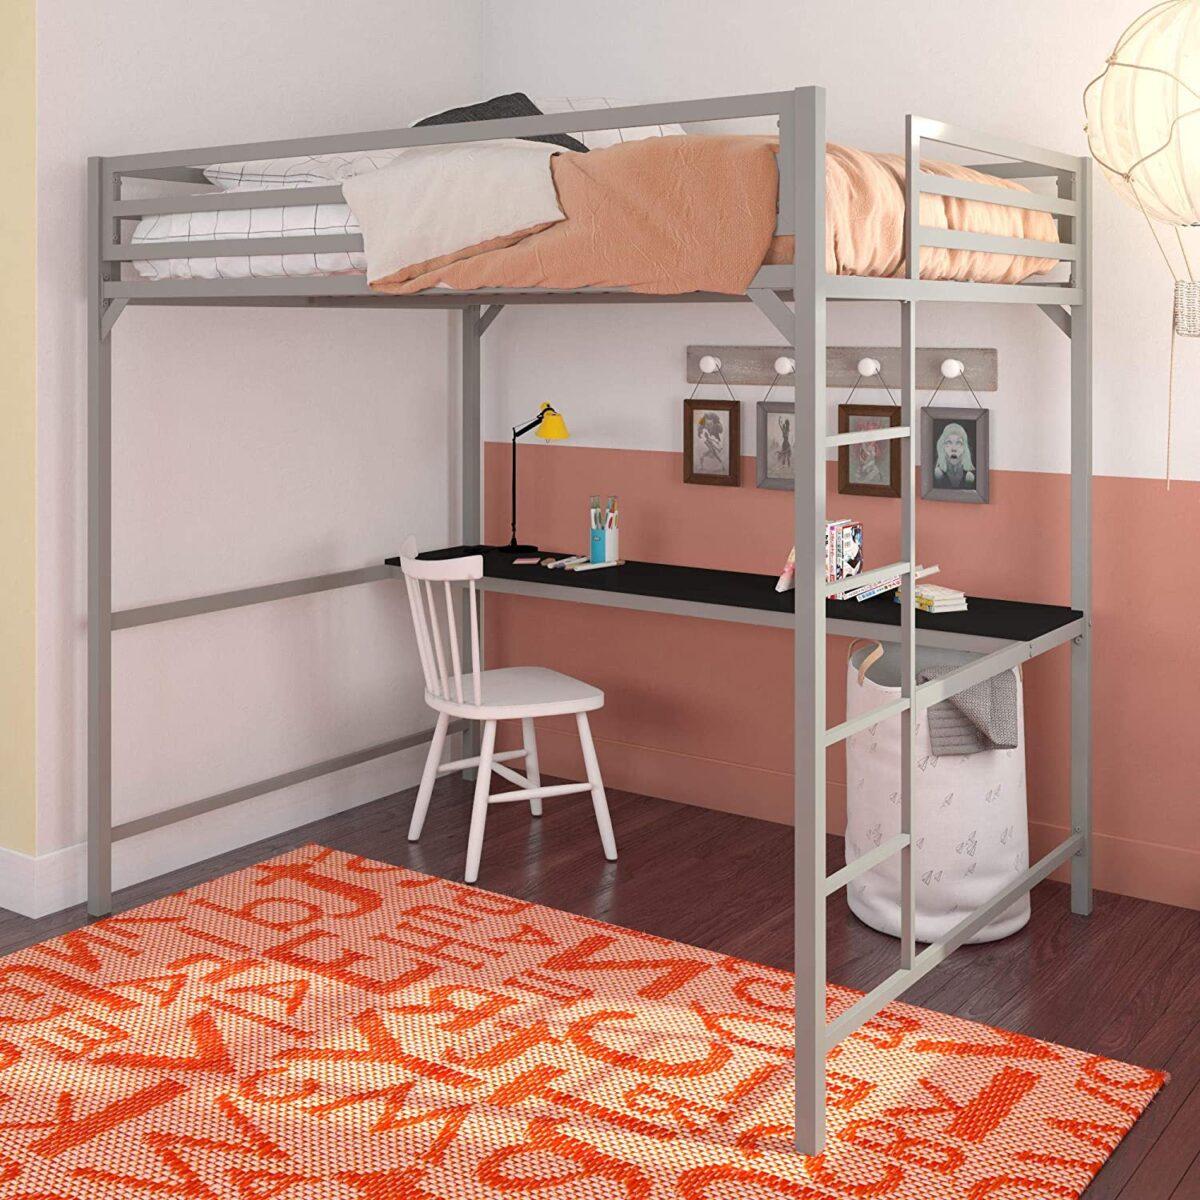 get-a-corner-study-in-bedroom-4